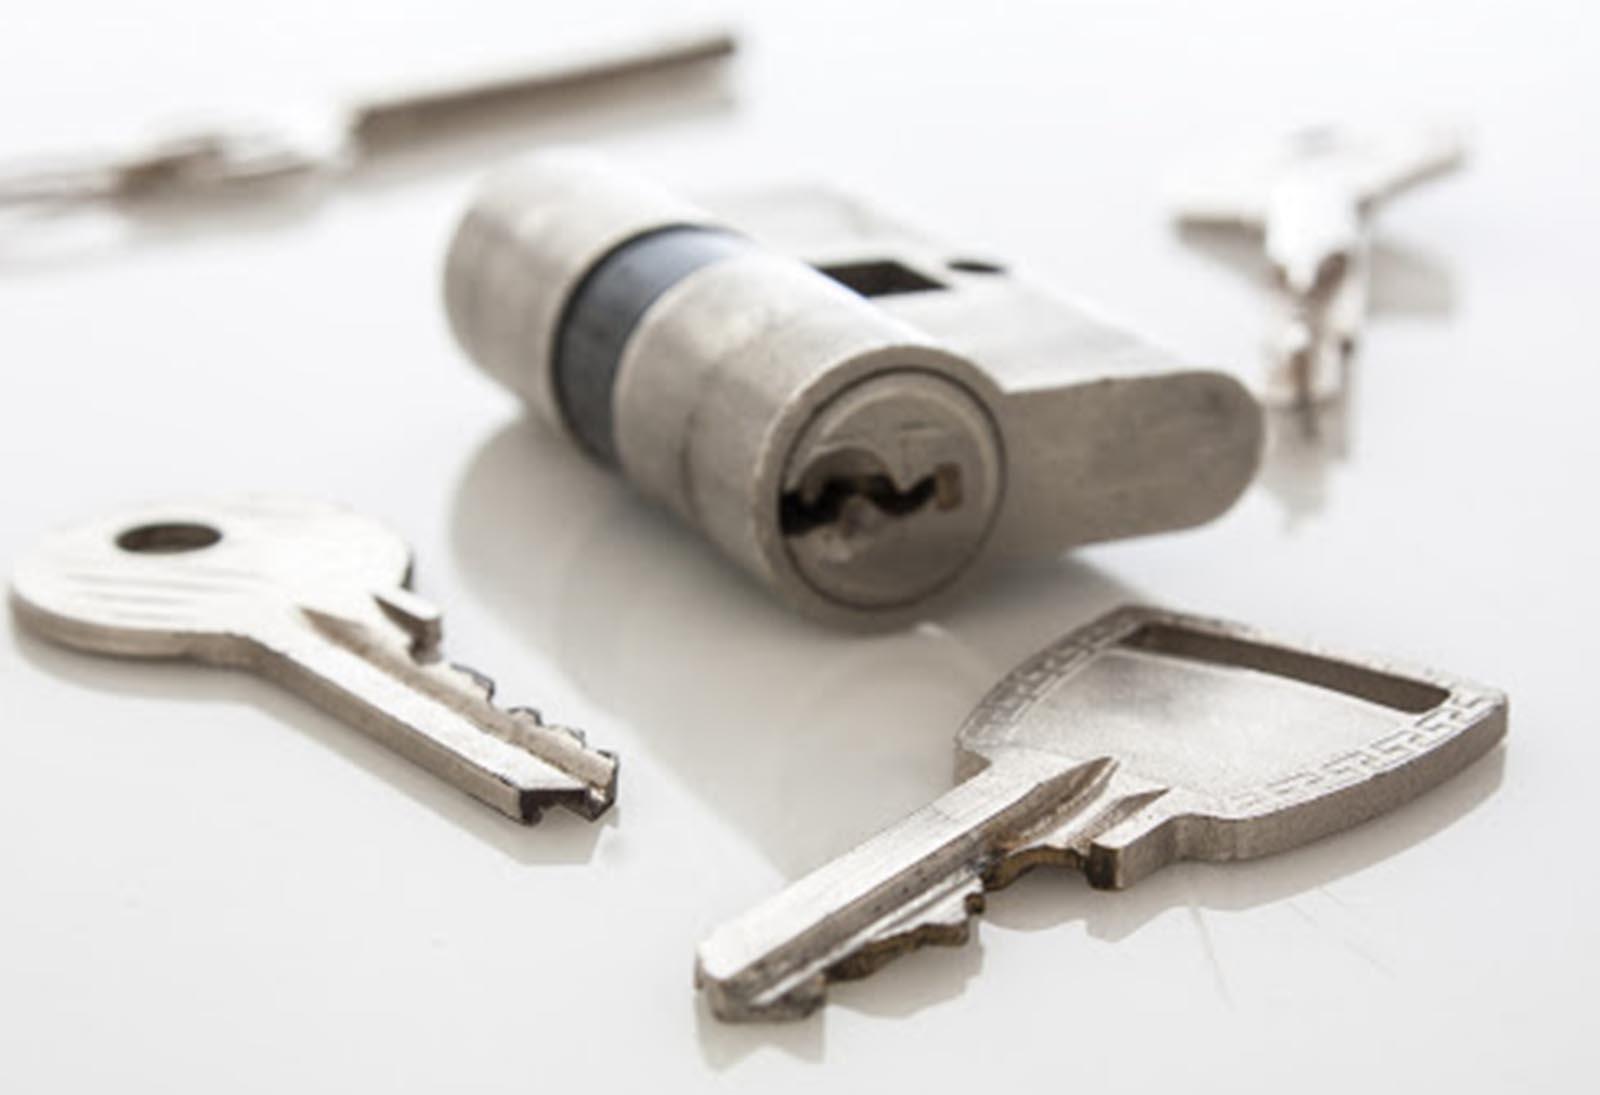 Sostituzione serratura Aereoporto Malpensa